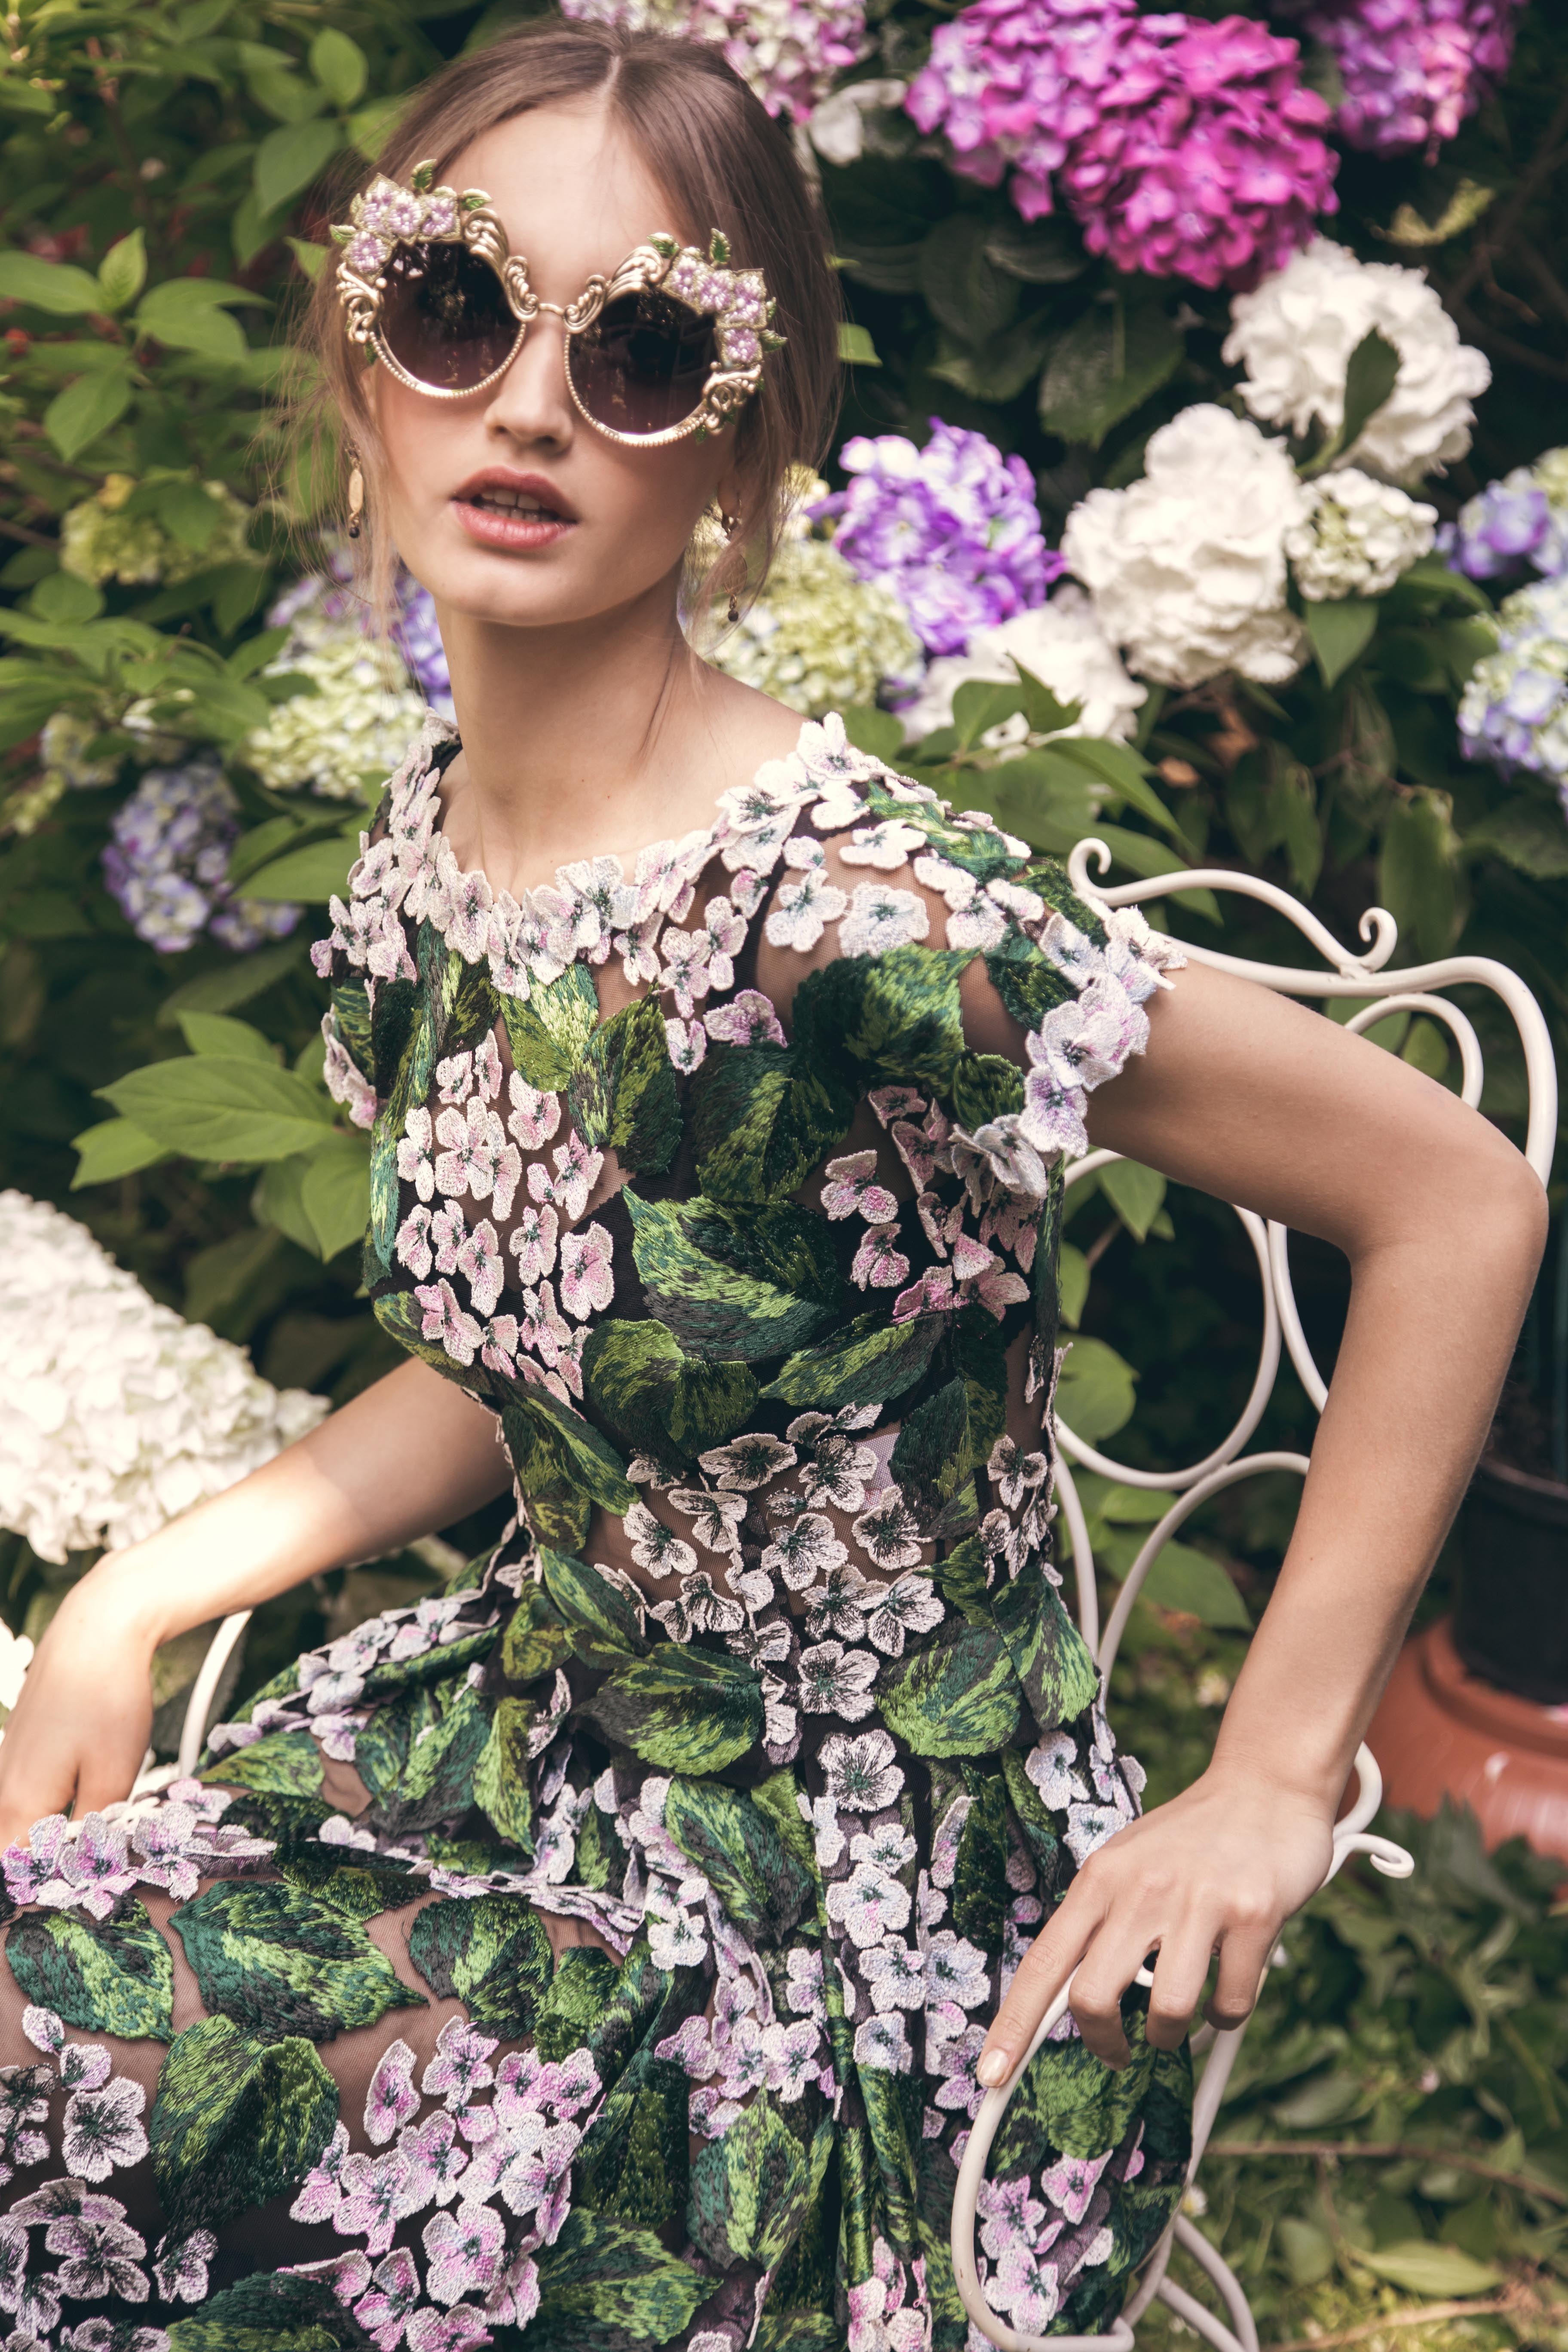 5d9615f3efd96 Blending in with the surrounding garden! #DGEyewear #DGOrtensia ...